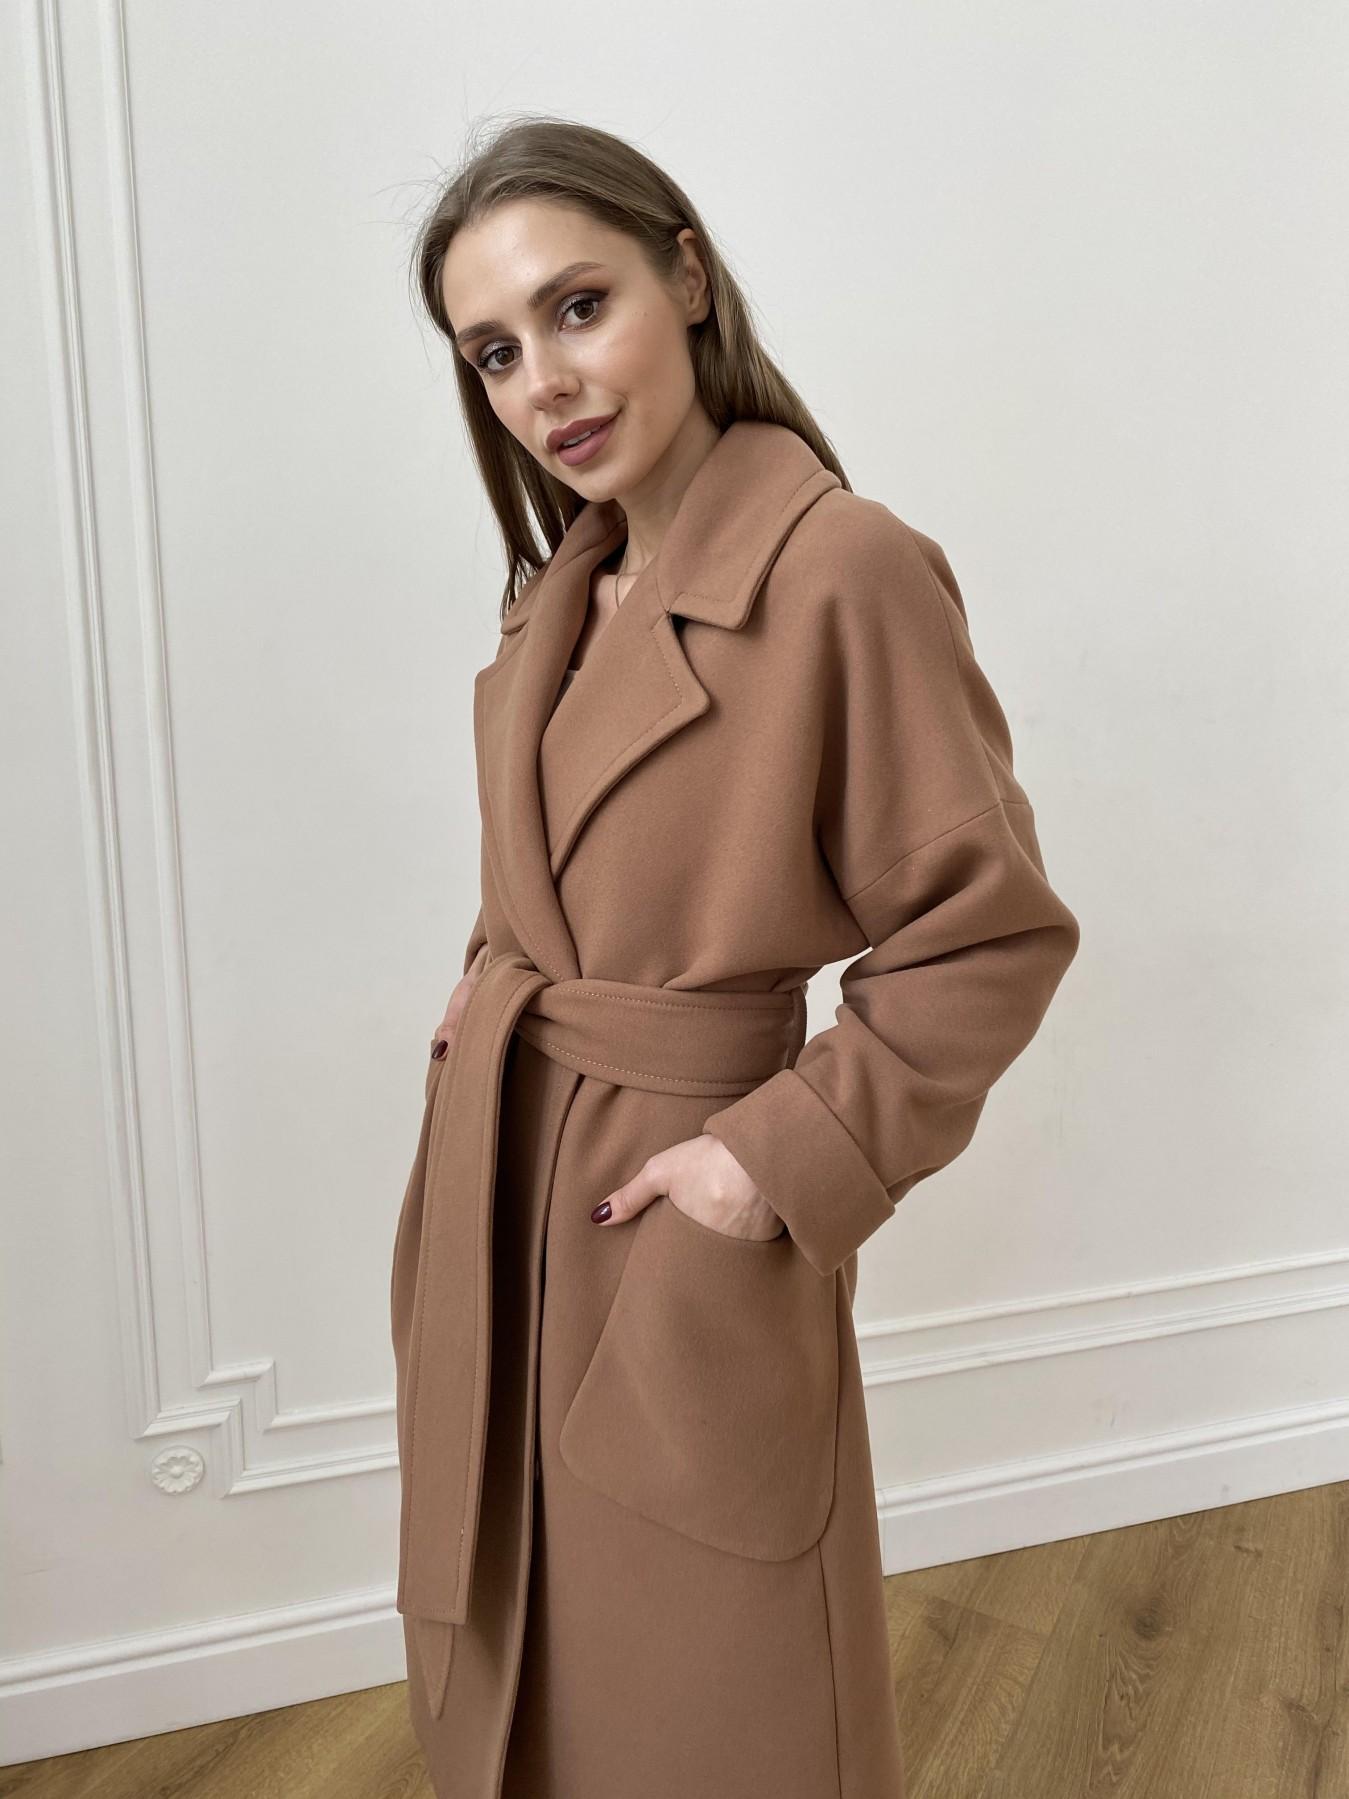 Кейт  пальто из кашемира 10539 АРТ. 47460 Цвет: Кемел Темный 8442 - фото 2, интернет магазин tm-modus.ru